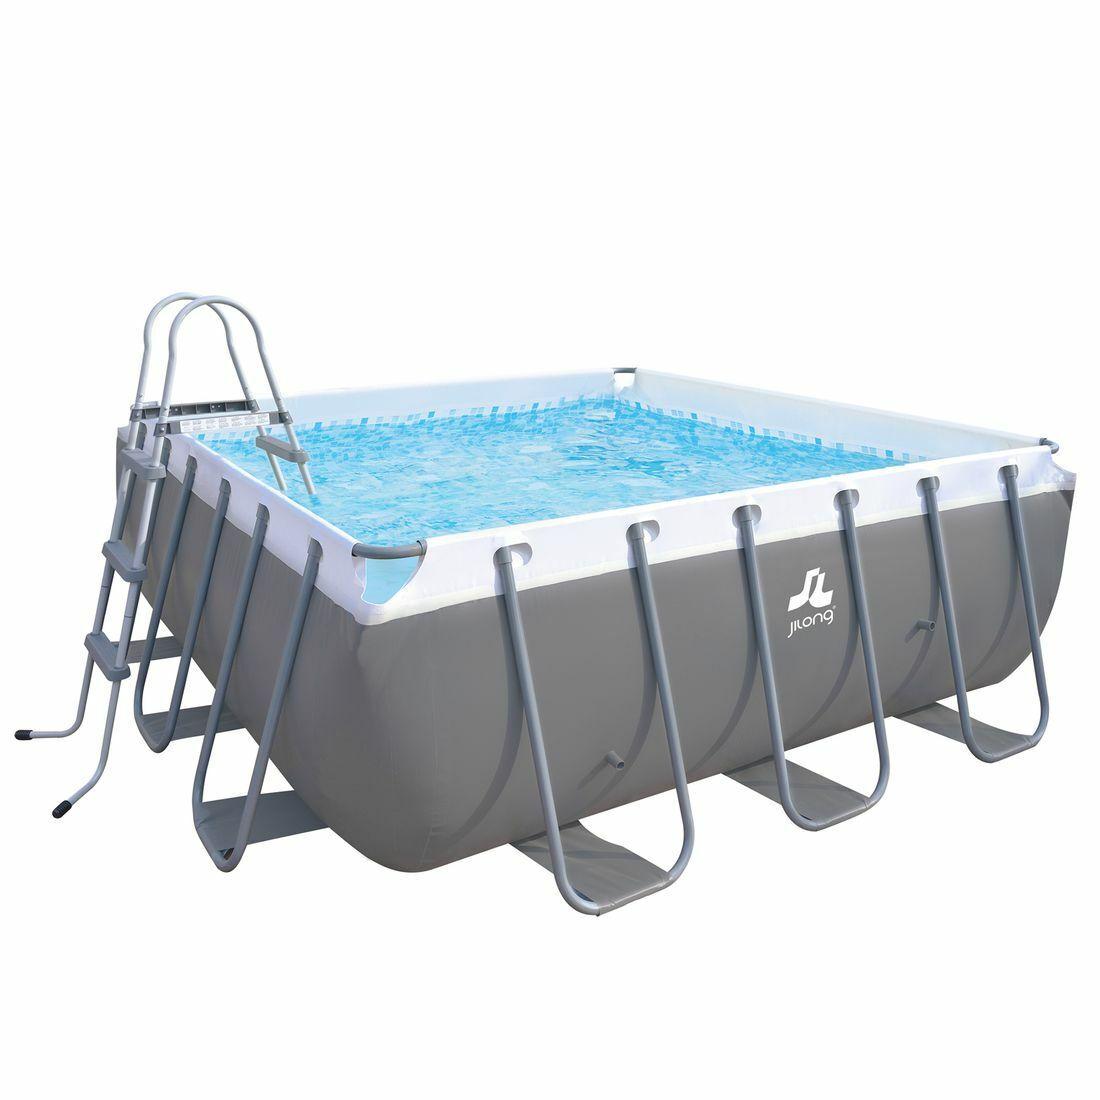 XXL Familien Pool 3 x 3 x 1m Stahlrahmenbecken Garten Schwimmbecken Schwimmbad